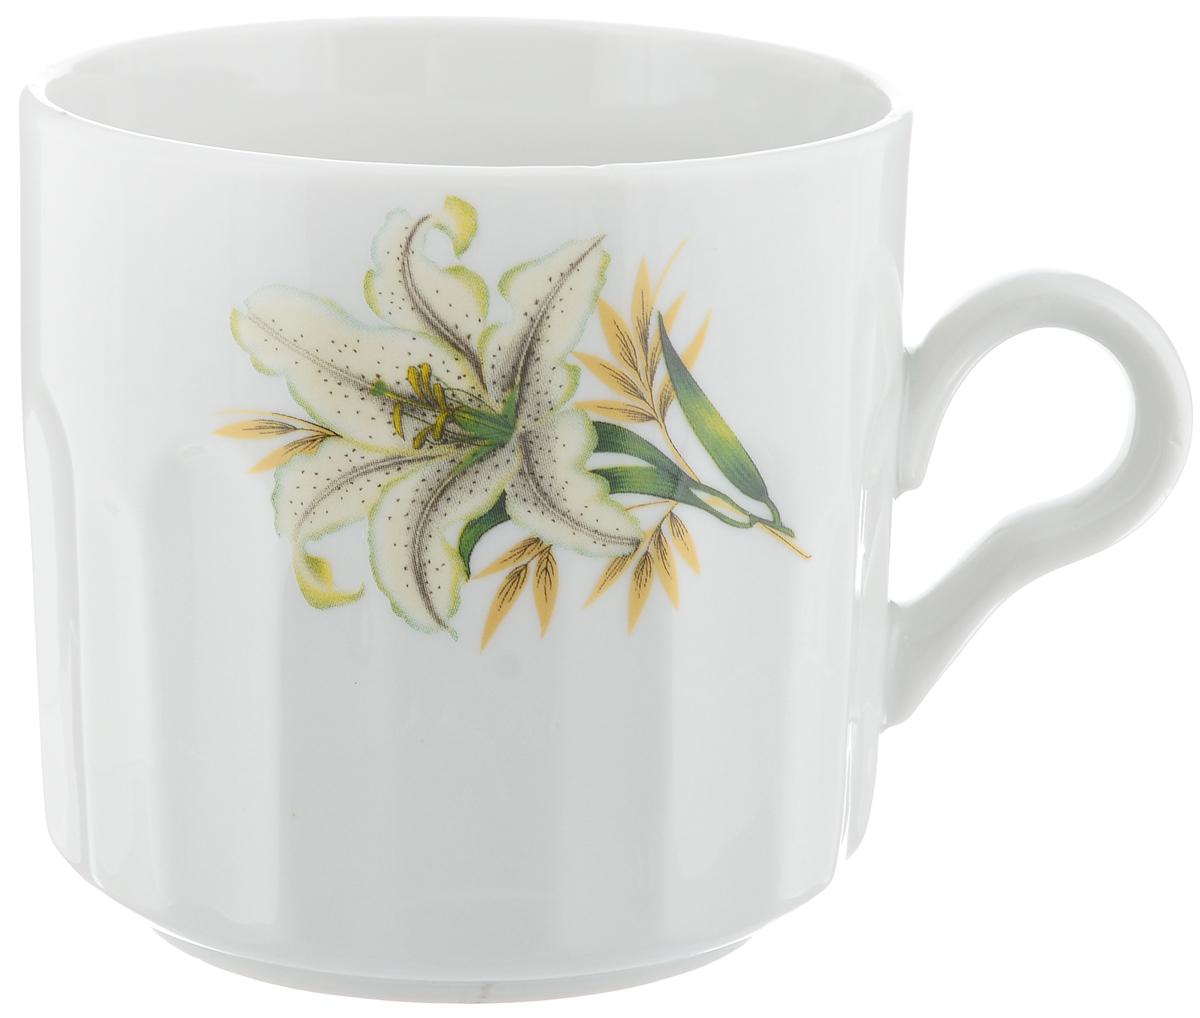 Кружка Фарфор Вербилок Белая лилия, 500 мл5721980Кружка Фарфор Вербилок Белая лилия способна скрасить любое чаепитие. Изделие выполнено из высококачественного фарфора. Посуда из такого материала позволяет сохранить истинный вкус напитка, а также помогает ему дольше оставаться теплым.Диаметр по верхнему краю: 9,5 см.Высота кружки: 9,5 см.